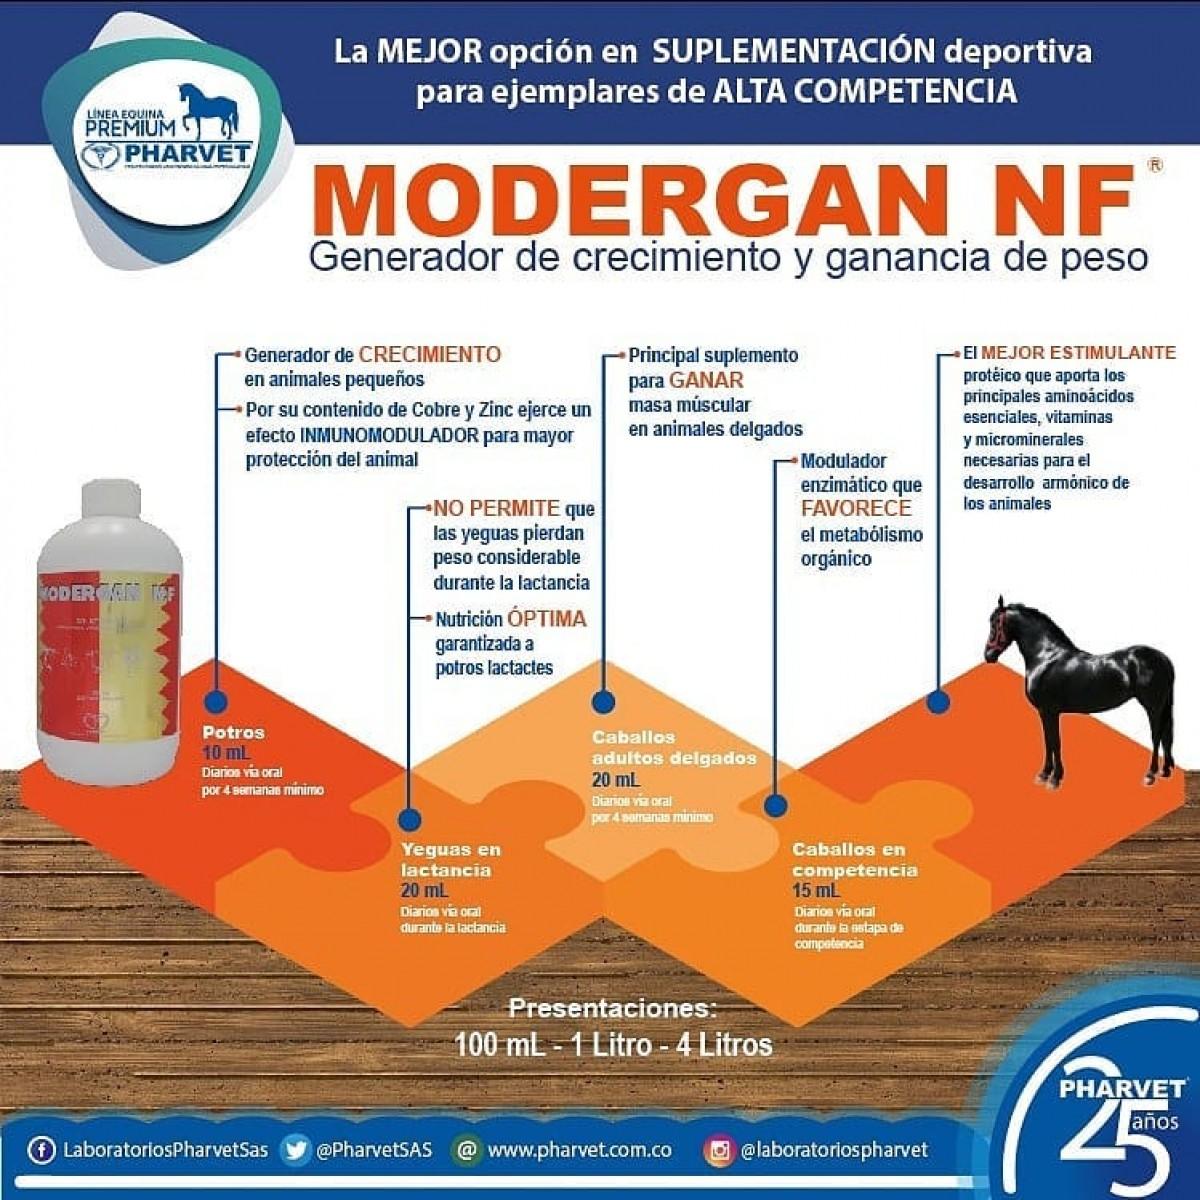 MODERGAN NF - Solución oral indicada para equinos